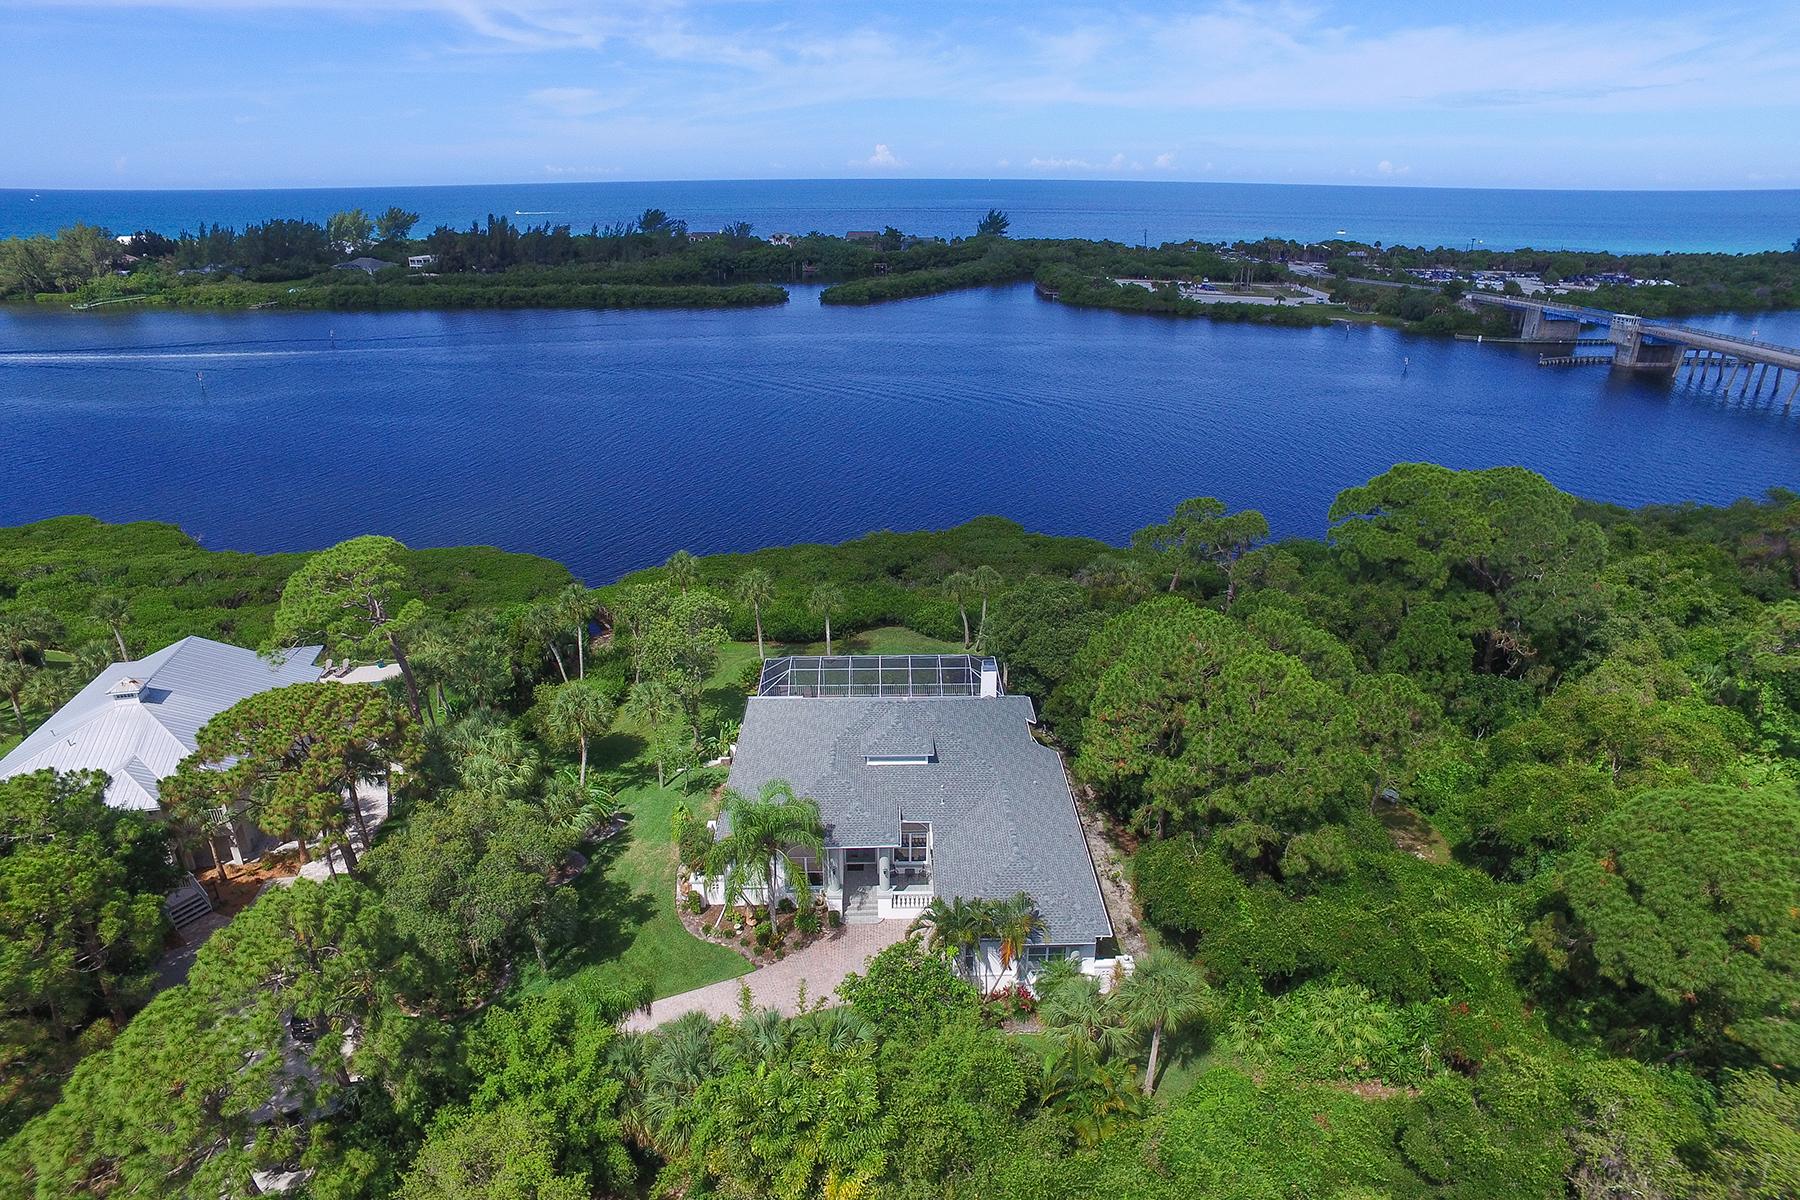 独户住宅 为 销售 在 ENGLEWOOD 2210 Lemon Ave 恩格尔伍德, 佛罗里达州, 34223 美国